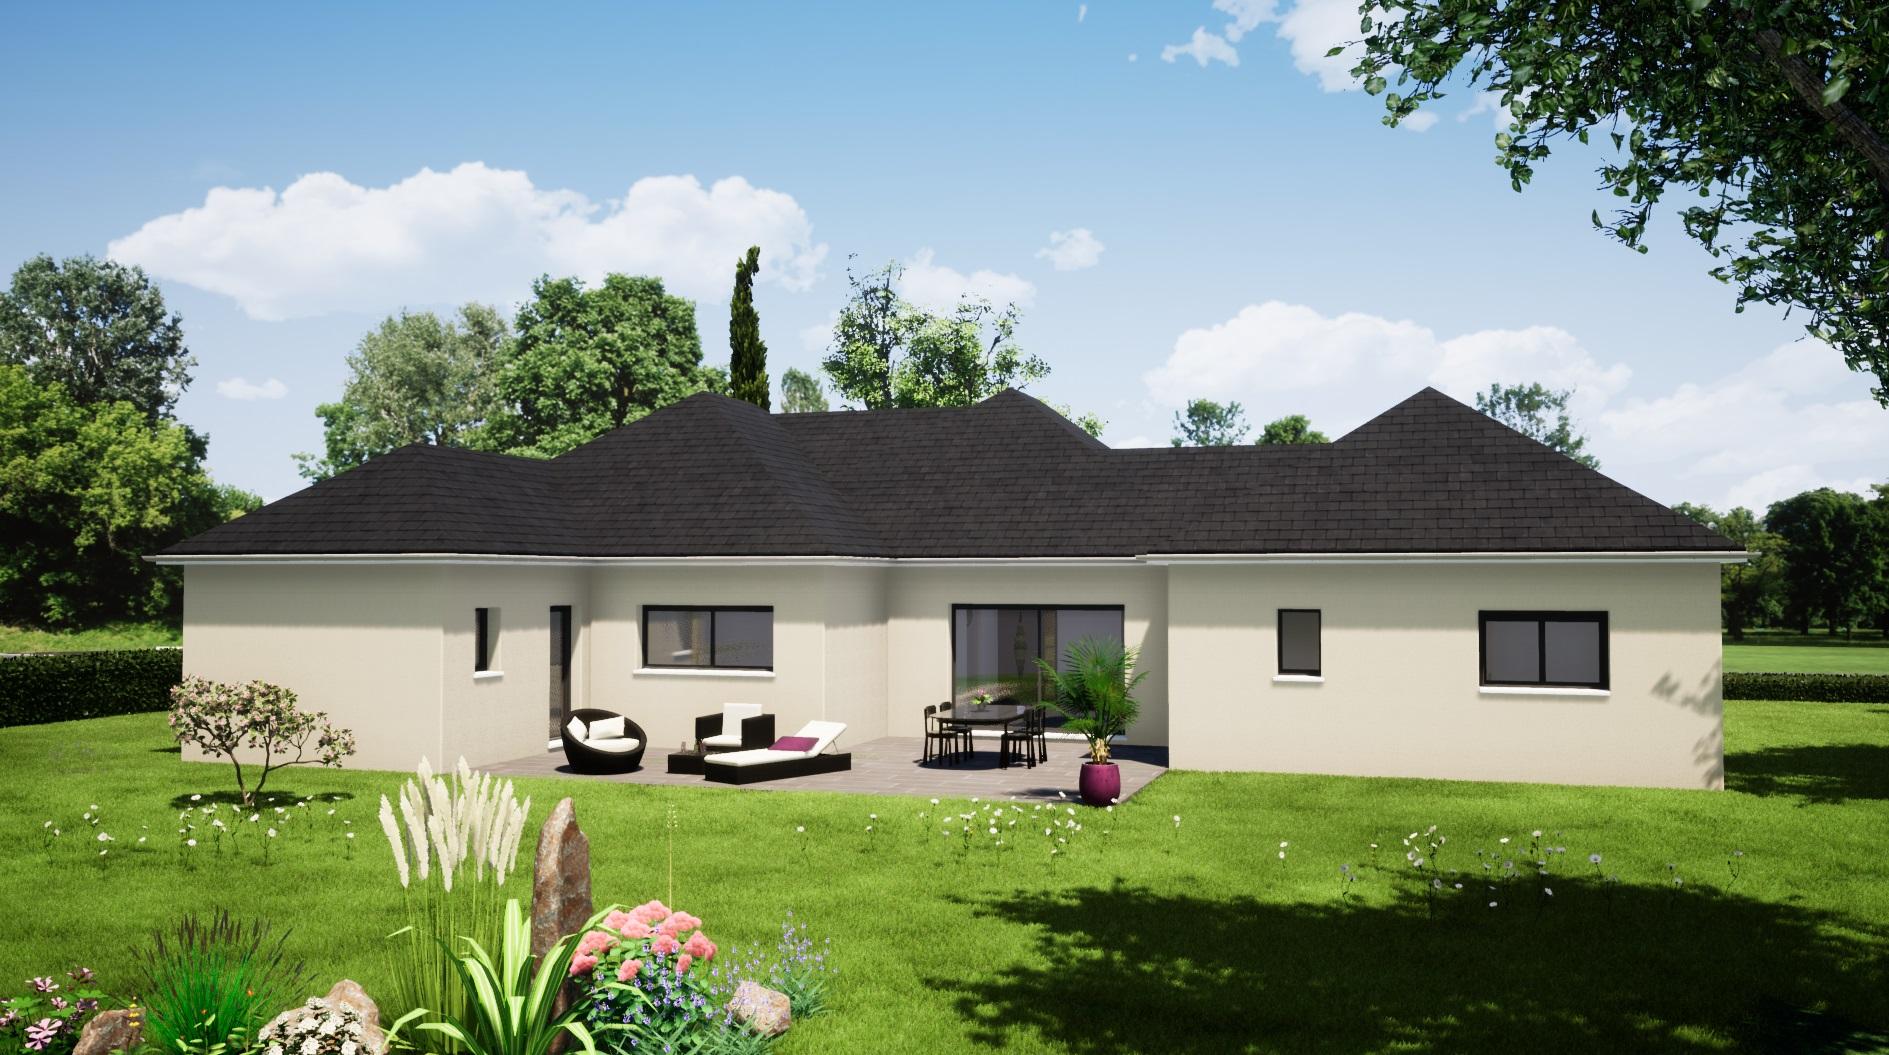 Modèle Vibraye 72320 façade avant maison plain pied 4 chambres constructeur maison le mans constructeur maison en sarthe maisons LG